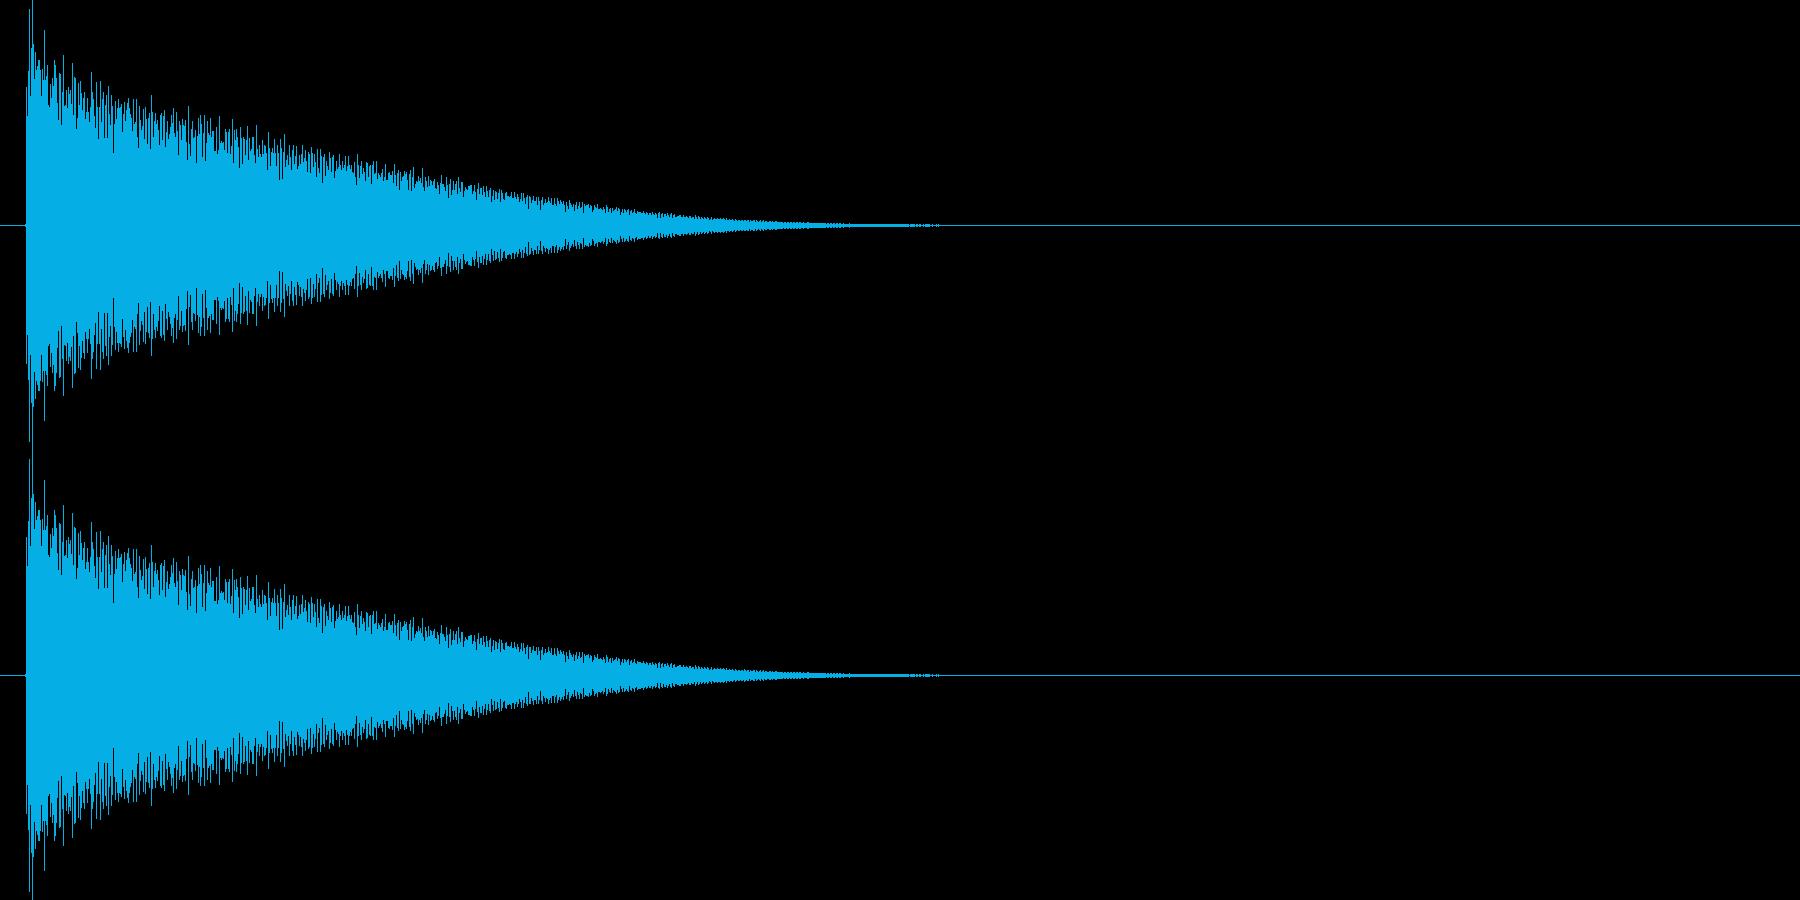 カキーンと何かが遠く飛んでいくような音の再生済みの波形